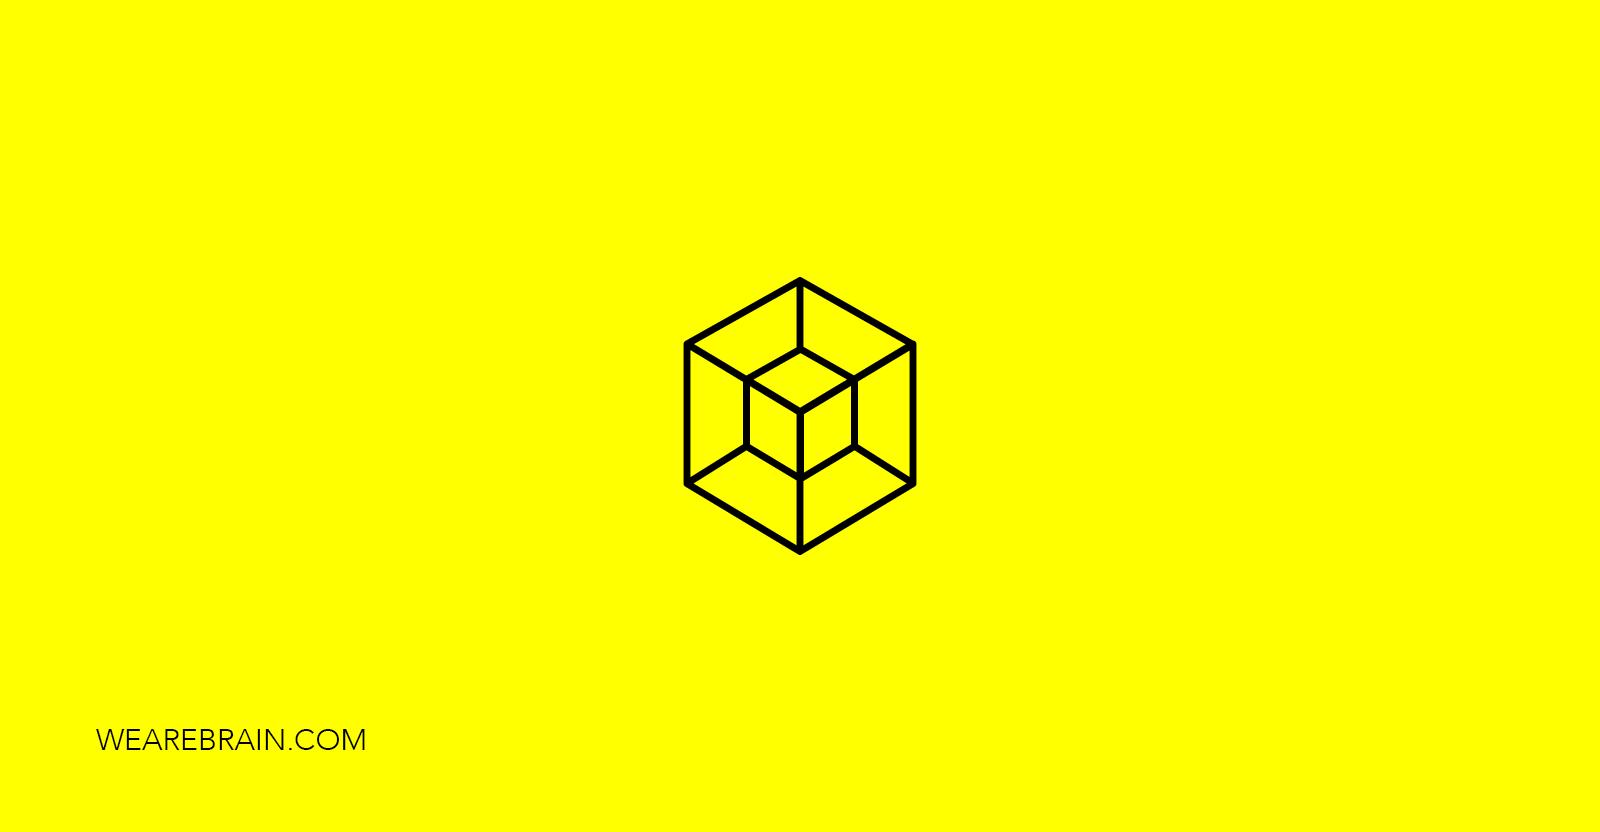 Icon of a hypercube